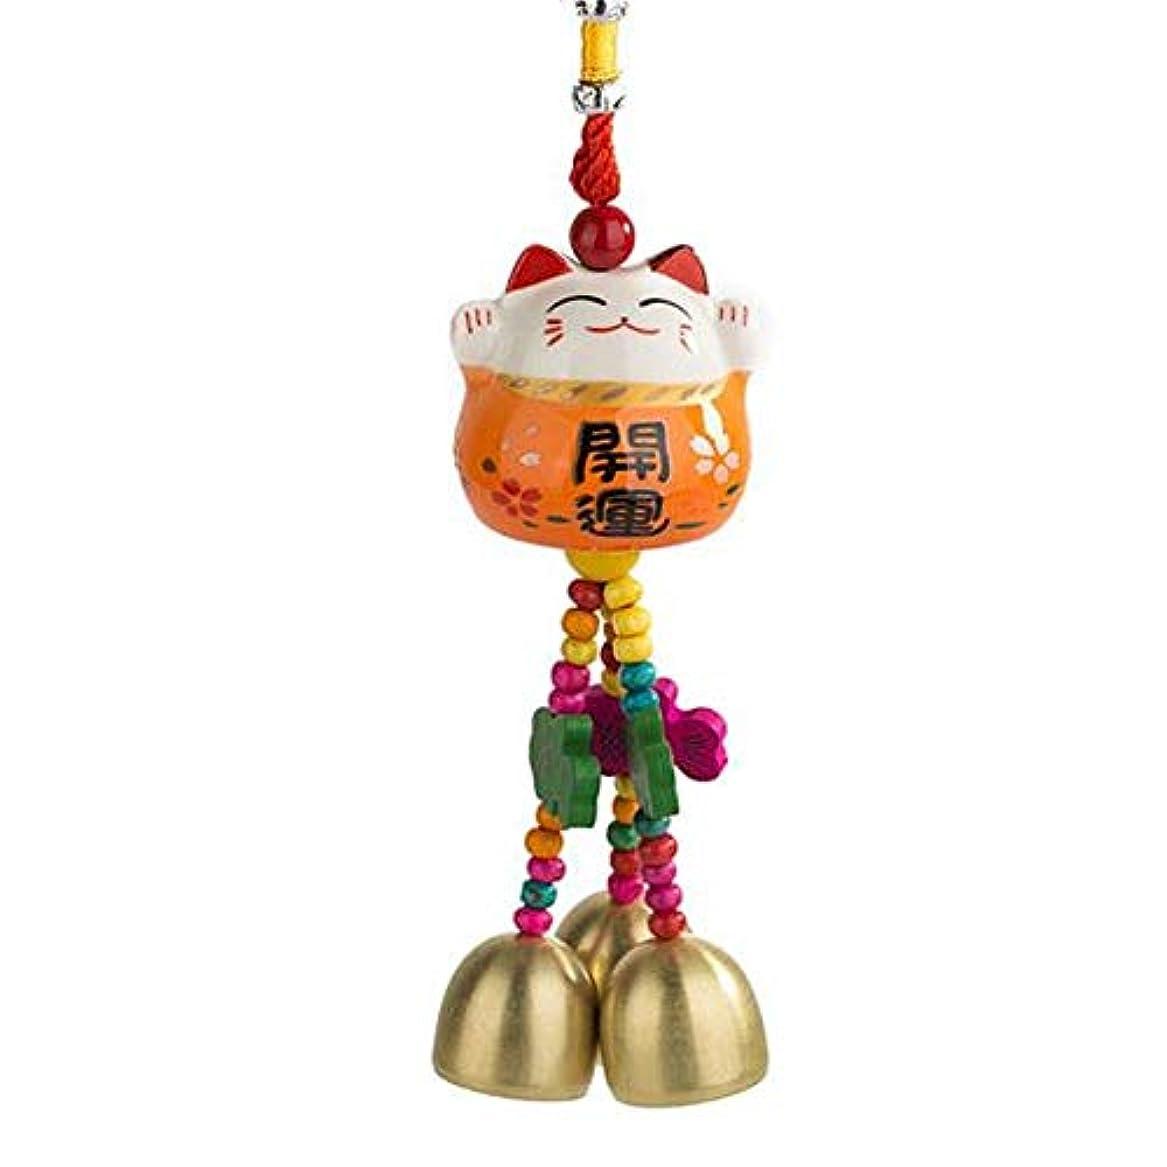 つづり発動機教育学Jingfengtongxun 風チャイム、かわいいクリエイティブセラミック猫風の鐘、グリーン、長い28センチメートル,スタイリッシュなホリデーギフト (Color : Orange)